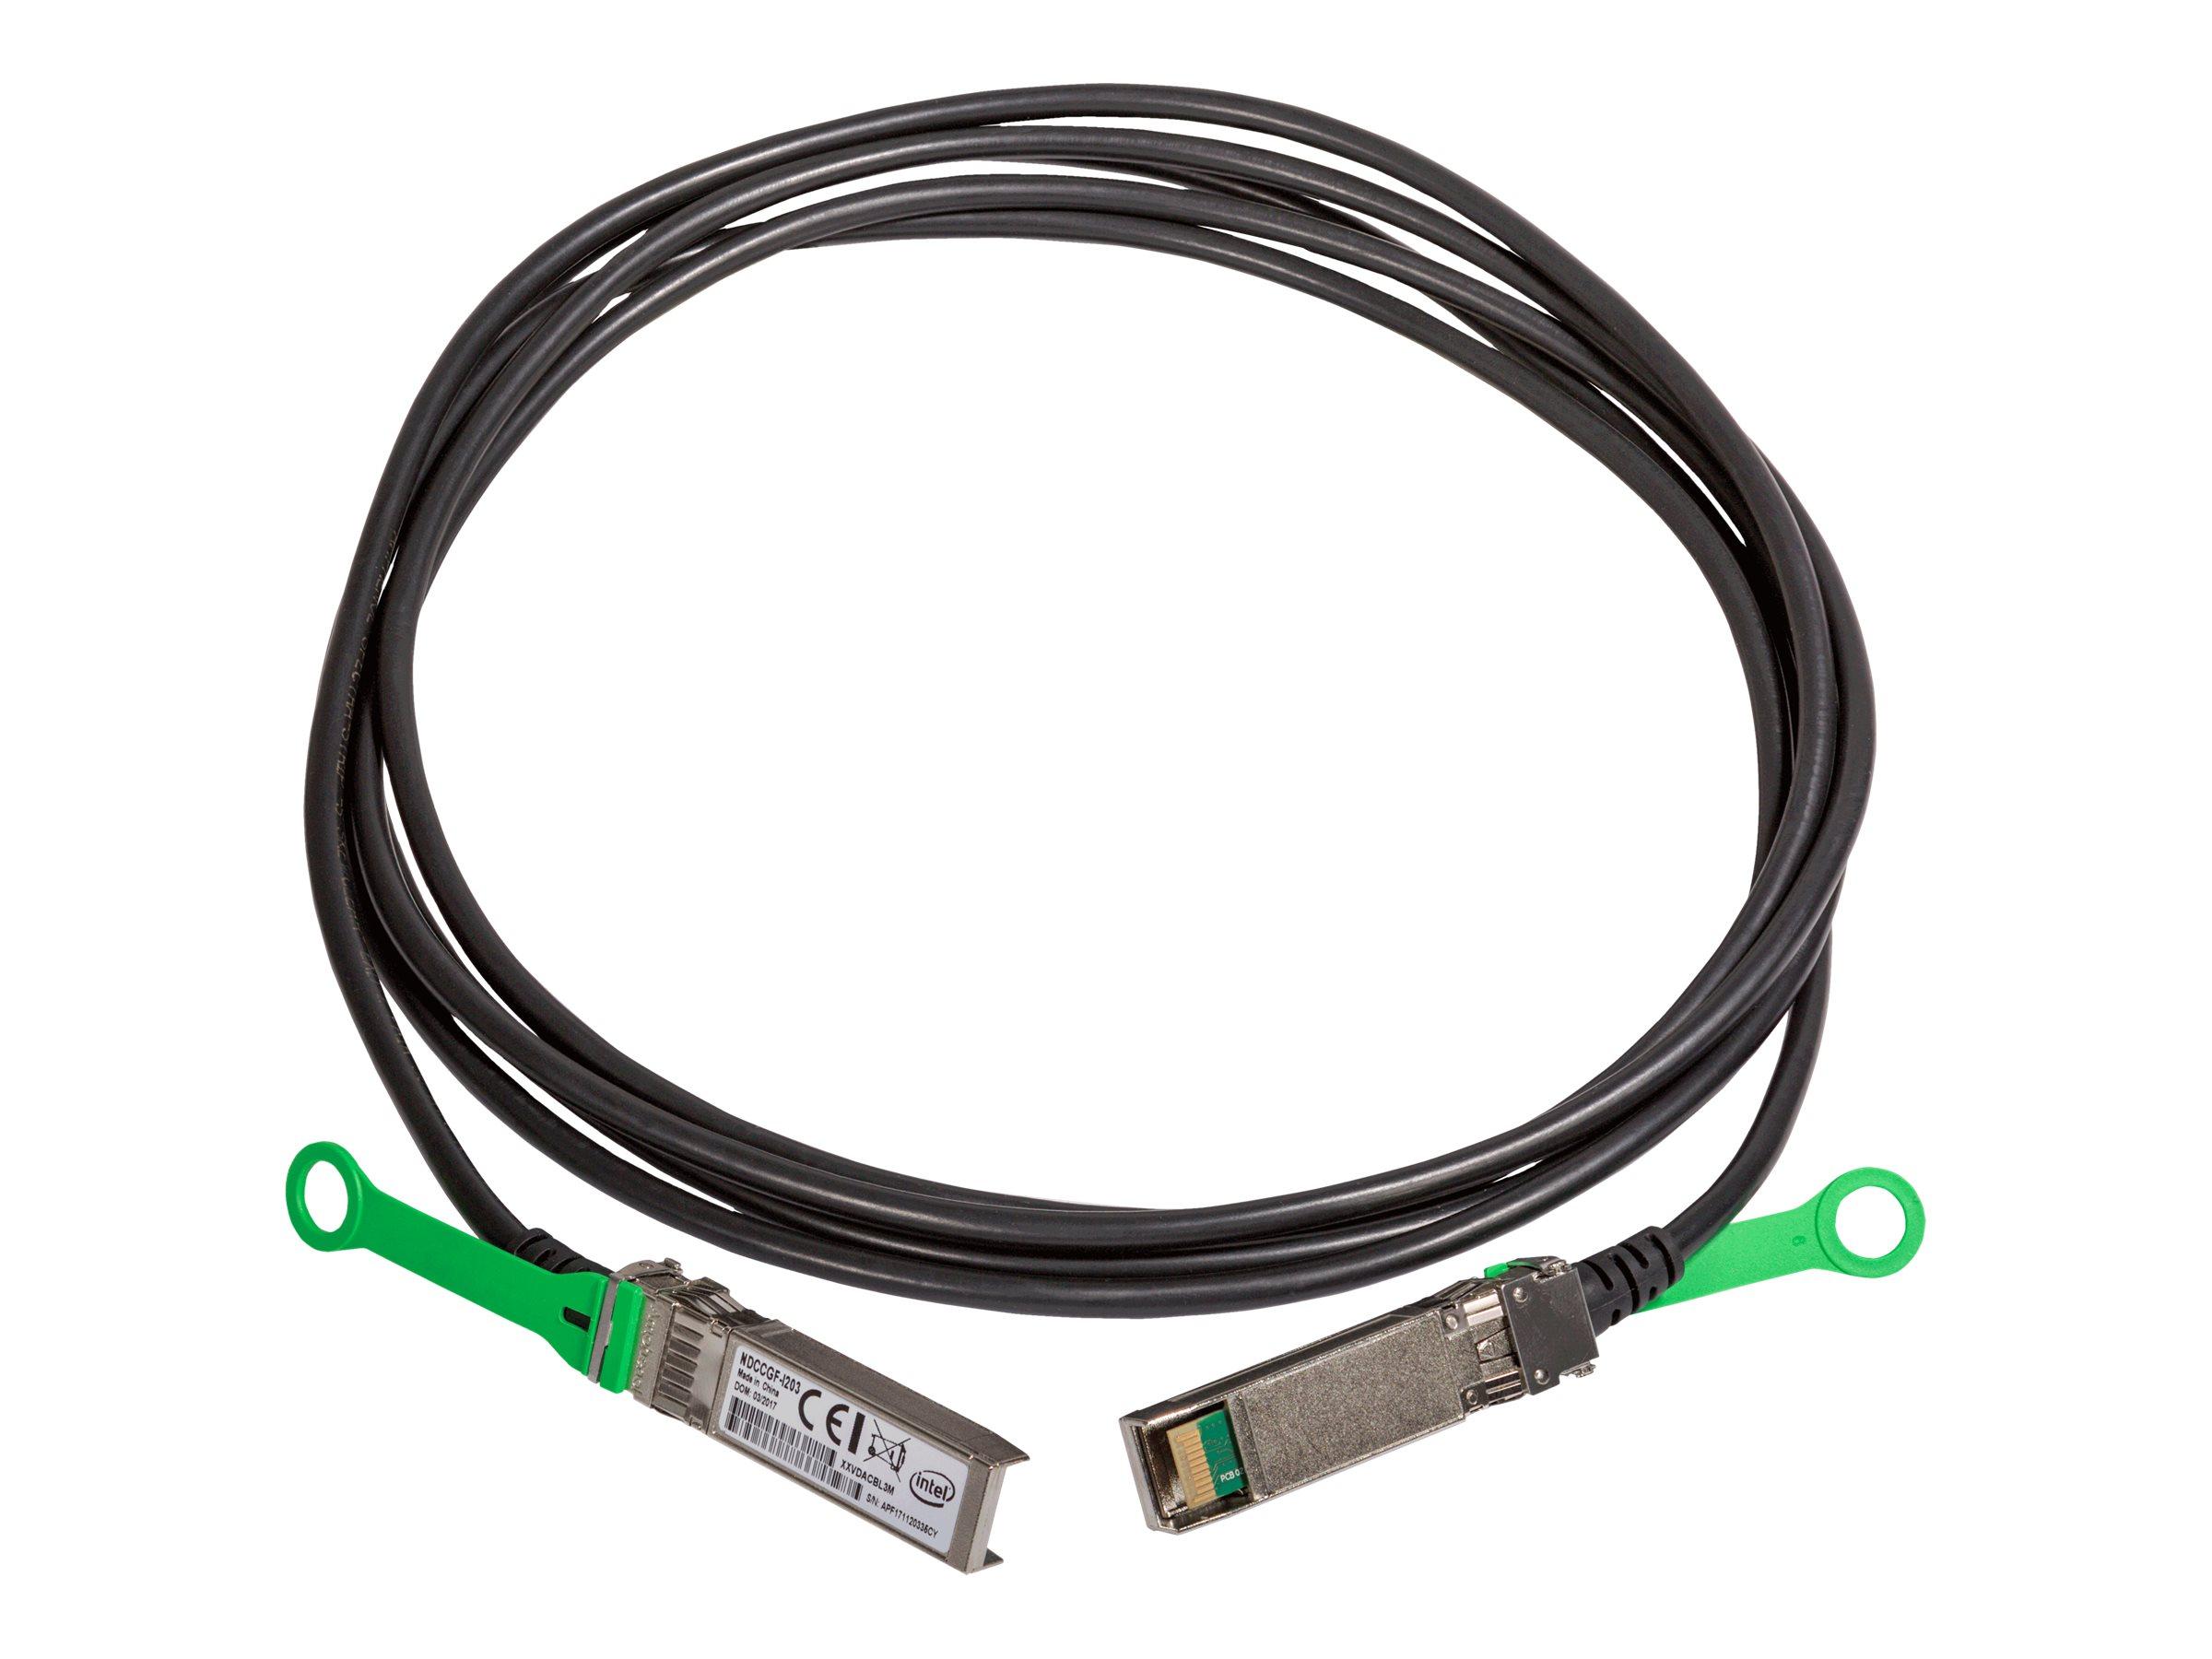 Intel - Direktanschlusskabel - SFP28 bis SFP28 - 1 m - twinaxial - für Ethernet Converged Network Adapter XXV710, XXV710-DA1; Et